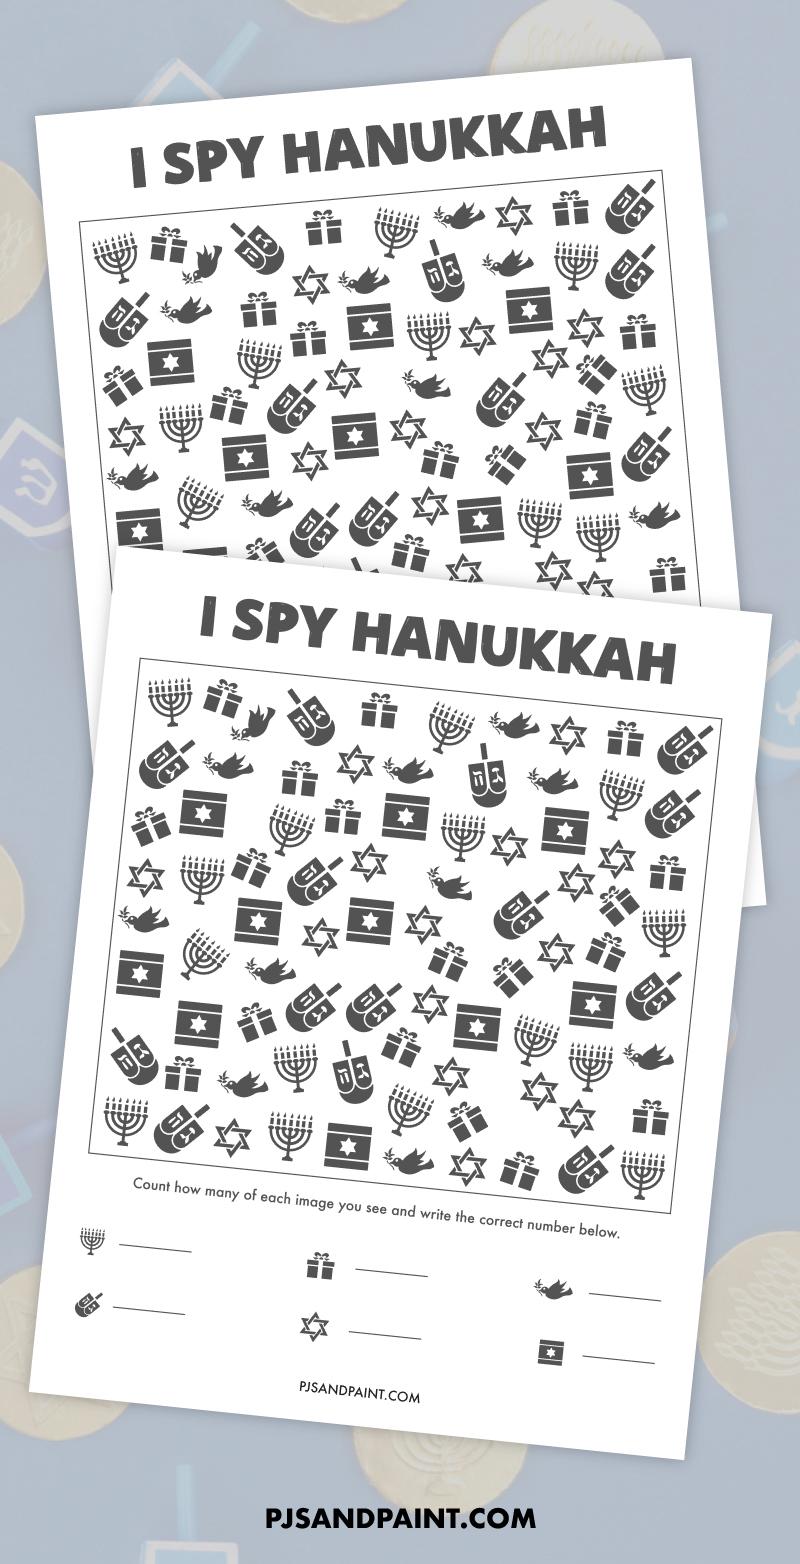 i spy hanukkah 2